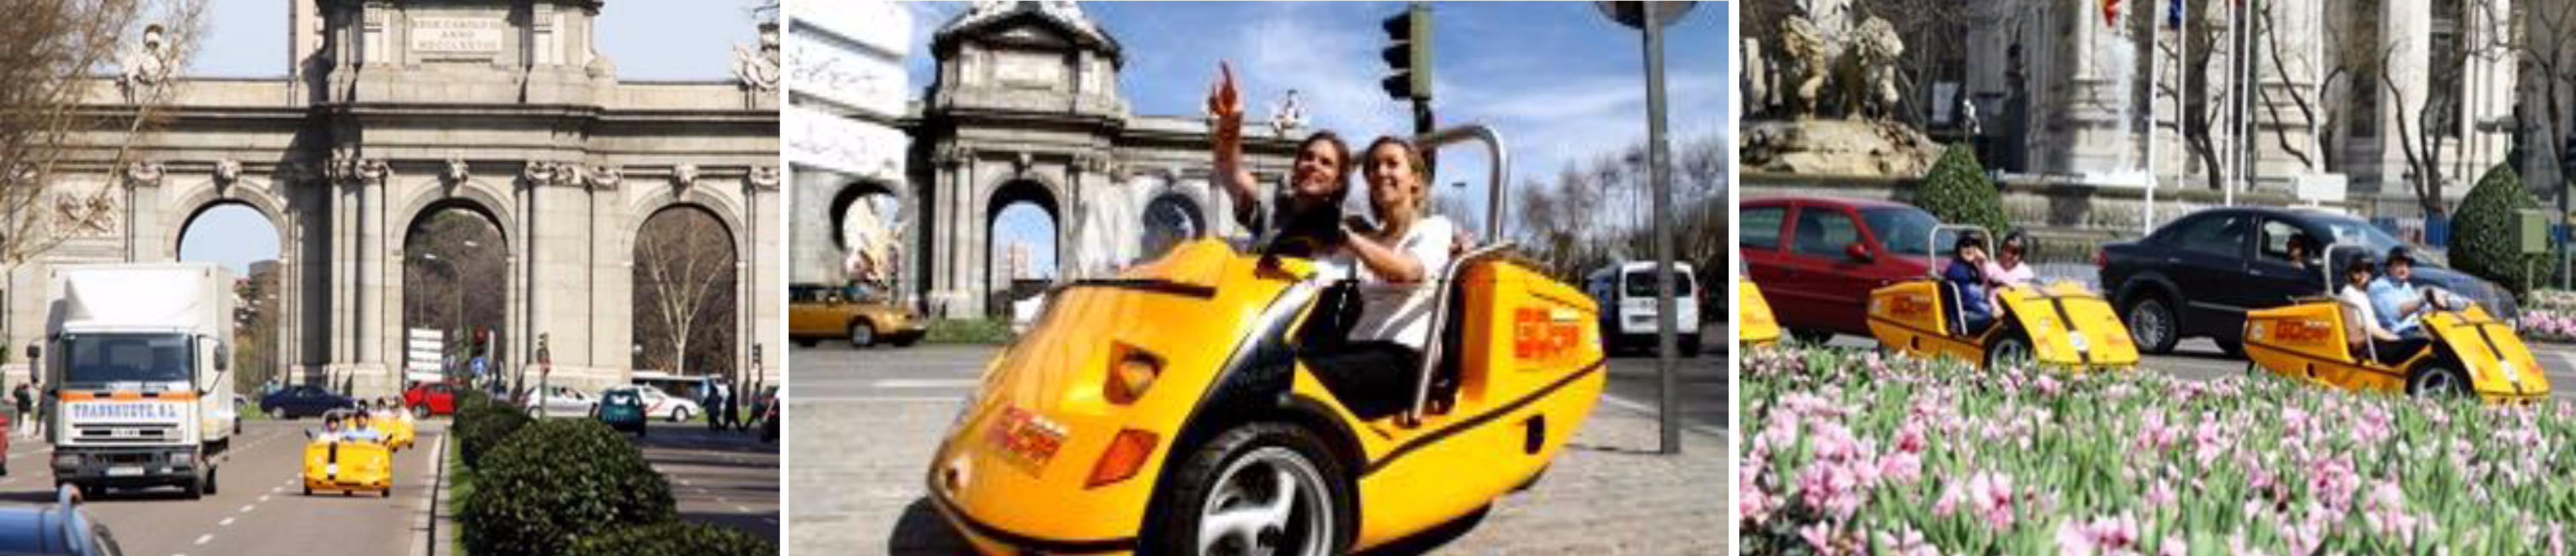 แมดริด – ขับรถโกคาร์ชมเมือง – ถนนกรานเบีย – ช้อปปิ้งย่านถนนเซอราโน่ –  ท่าอากาศยานแมดริด - 2